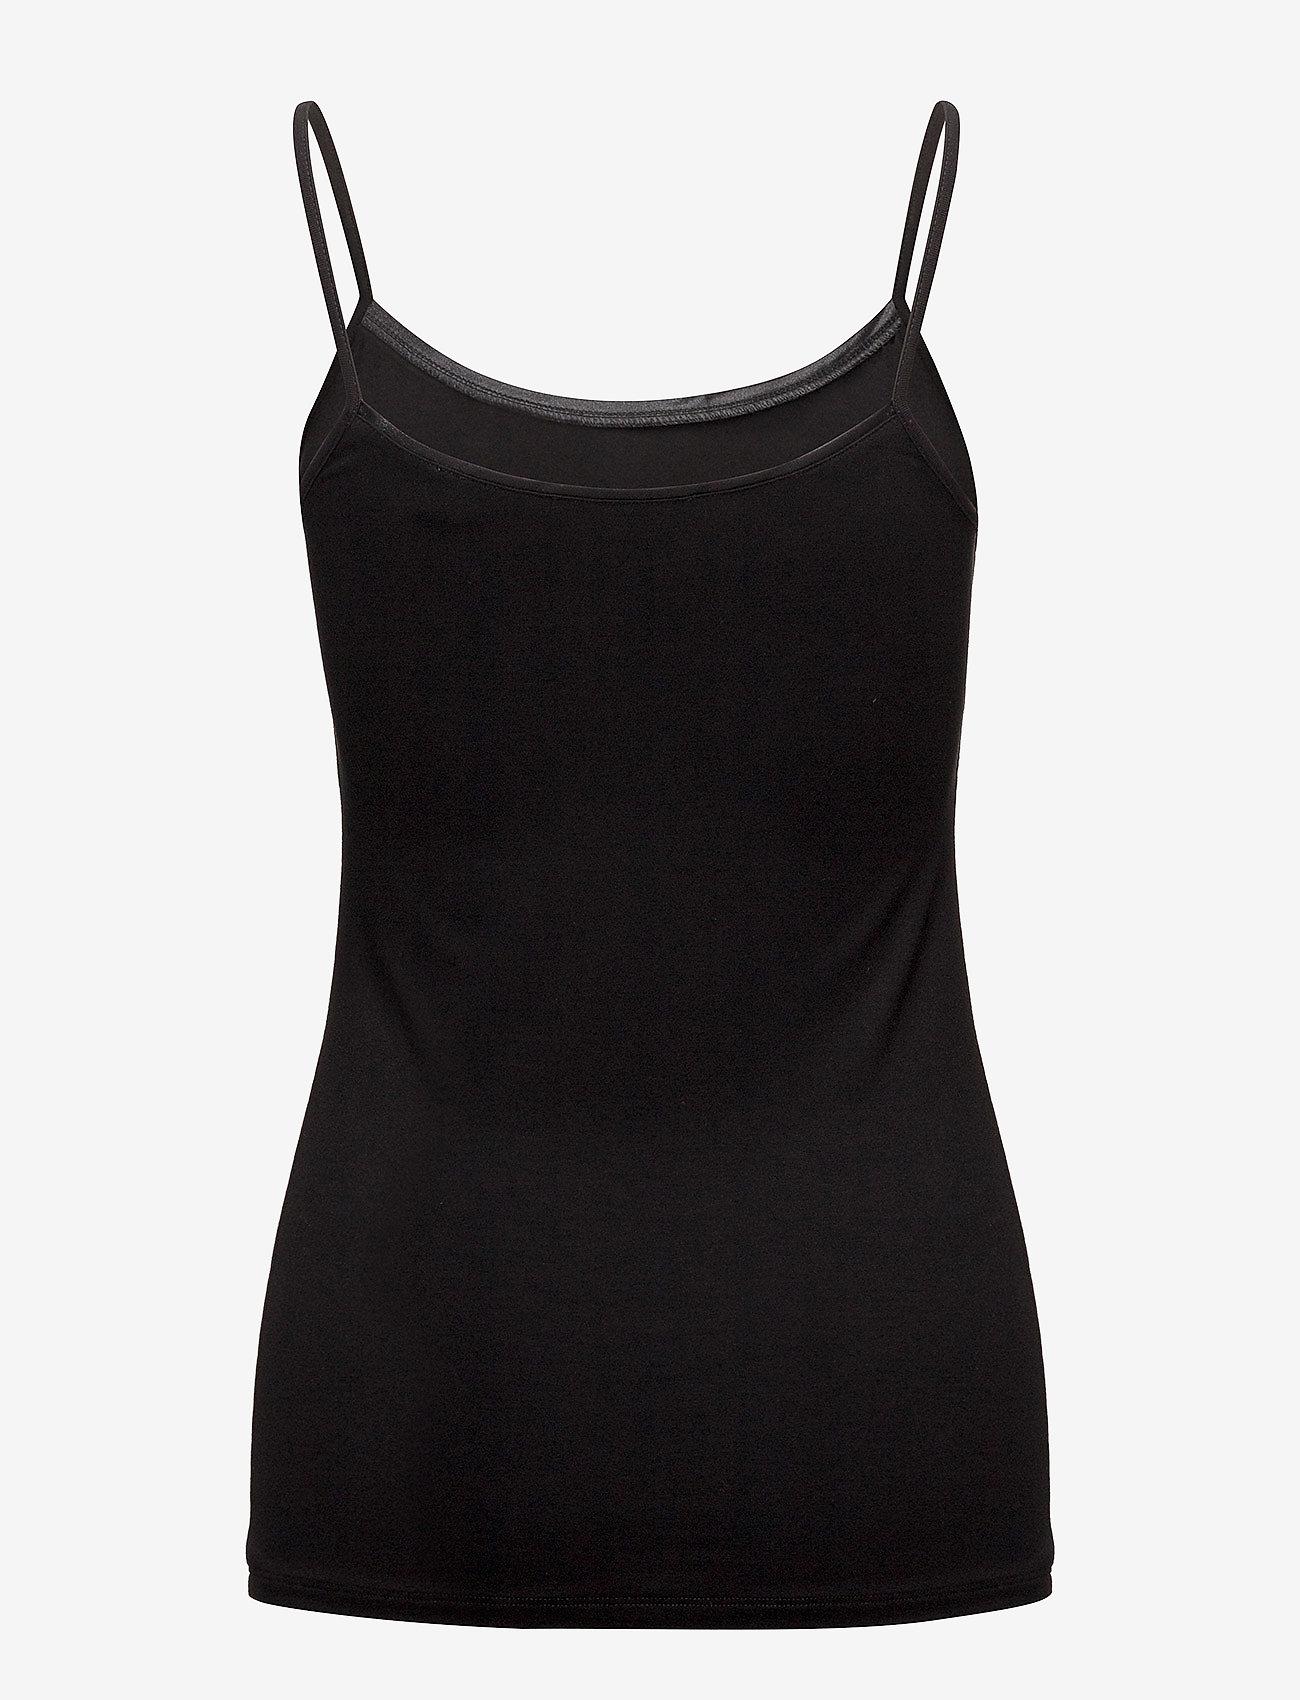 Esprit Collection - T-Shirts - Ærmeløse toppe - black - 1